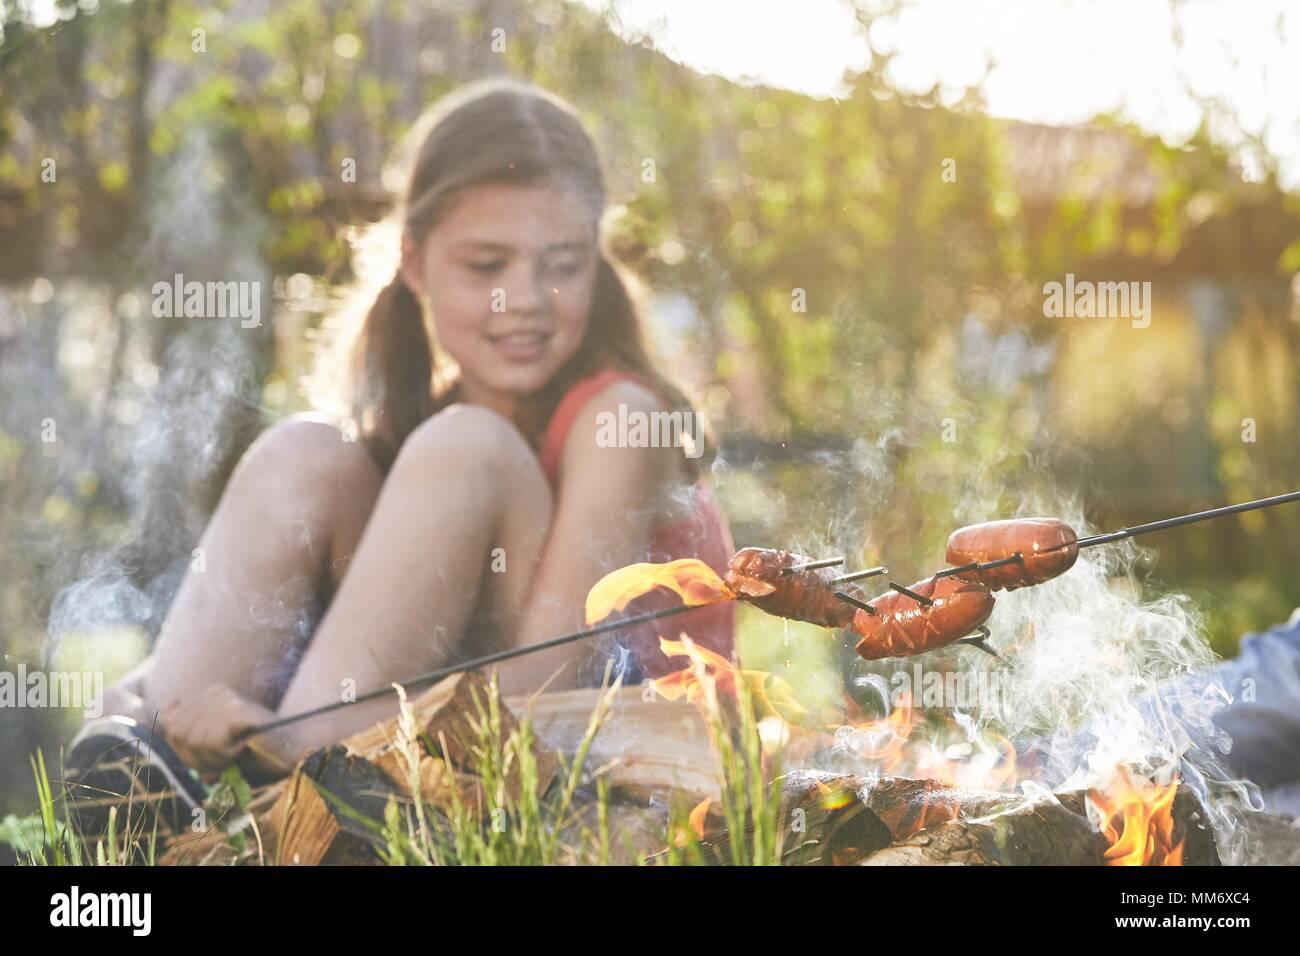 Les enfants bénéficient de camp. Girl toasting saucisses sur le jardin. Photo Stock